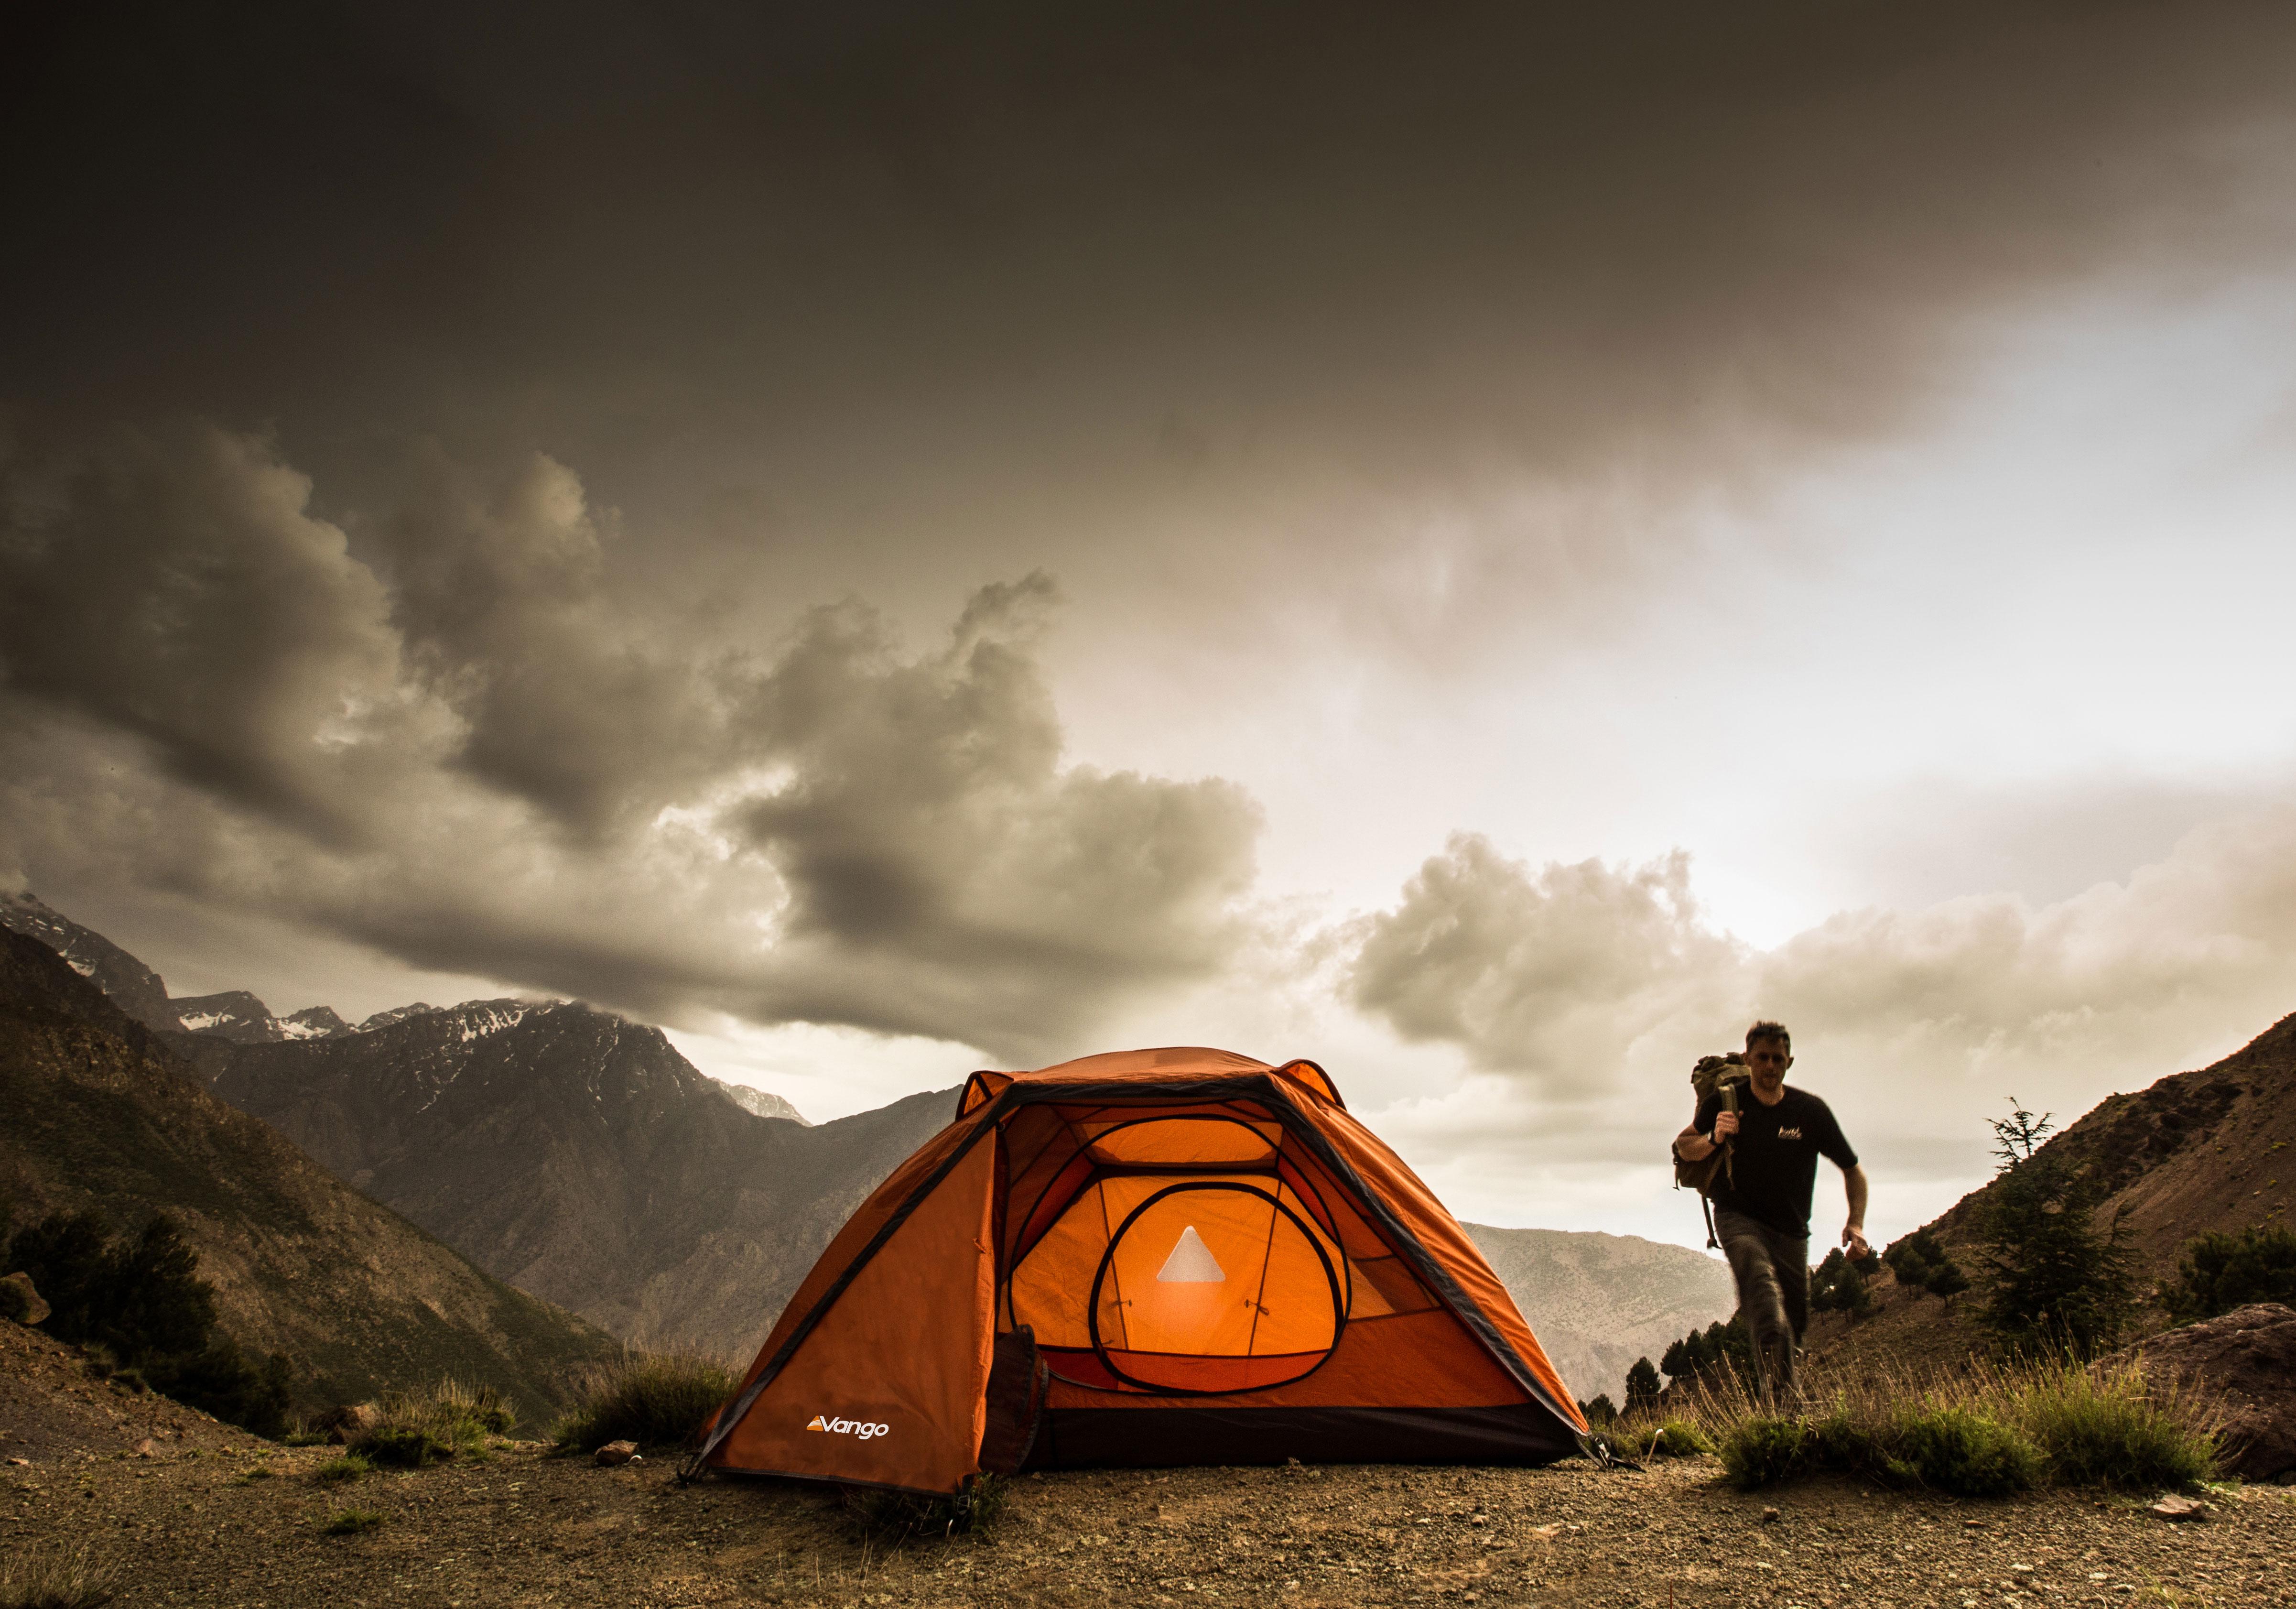 Vango Solis trekking tents